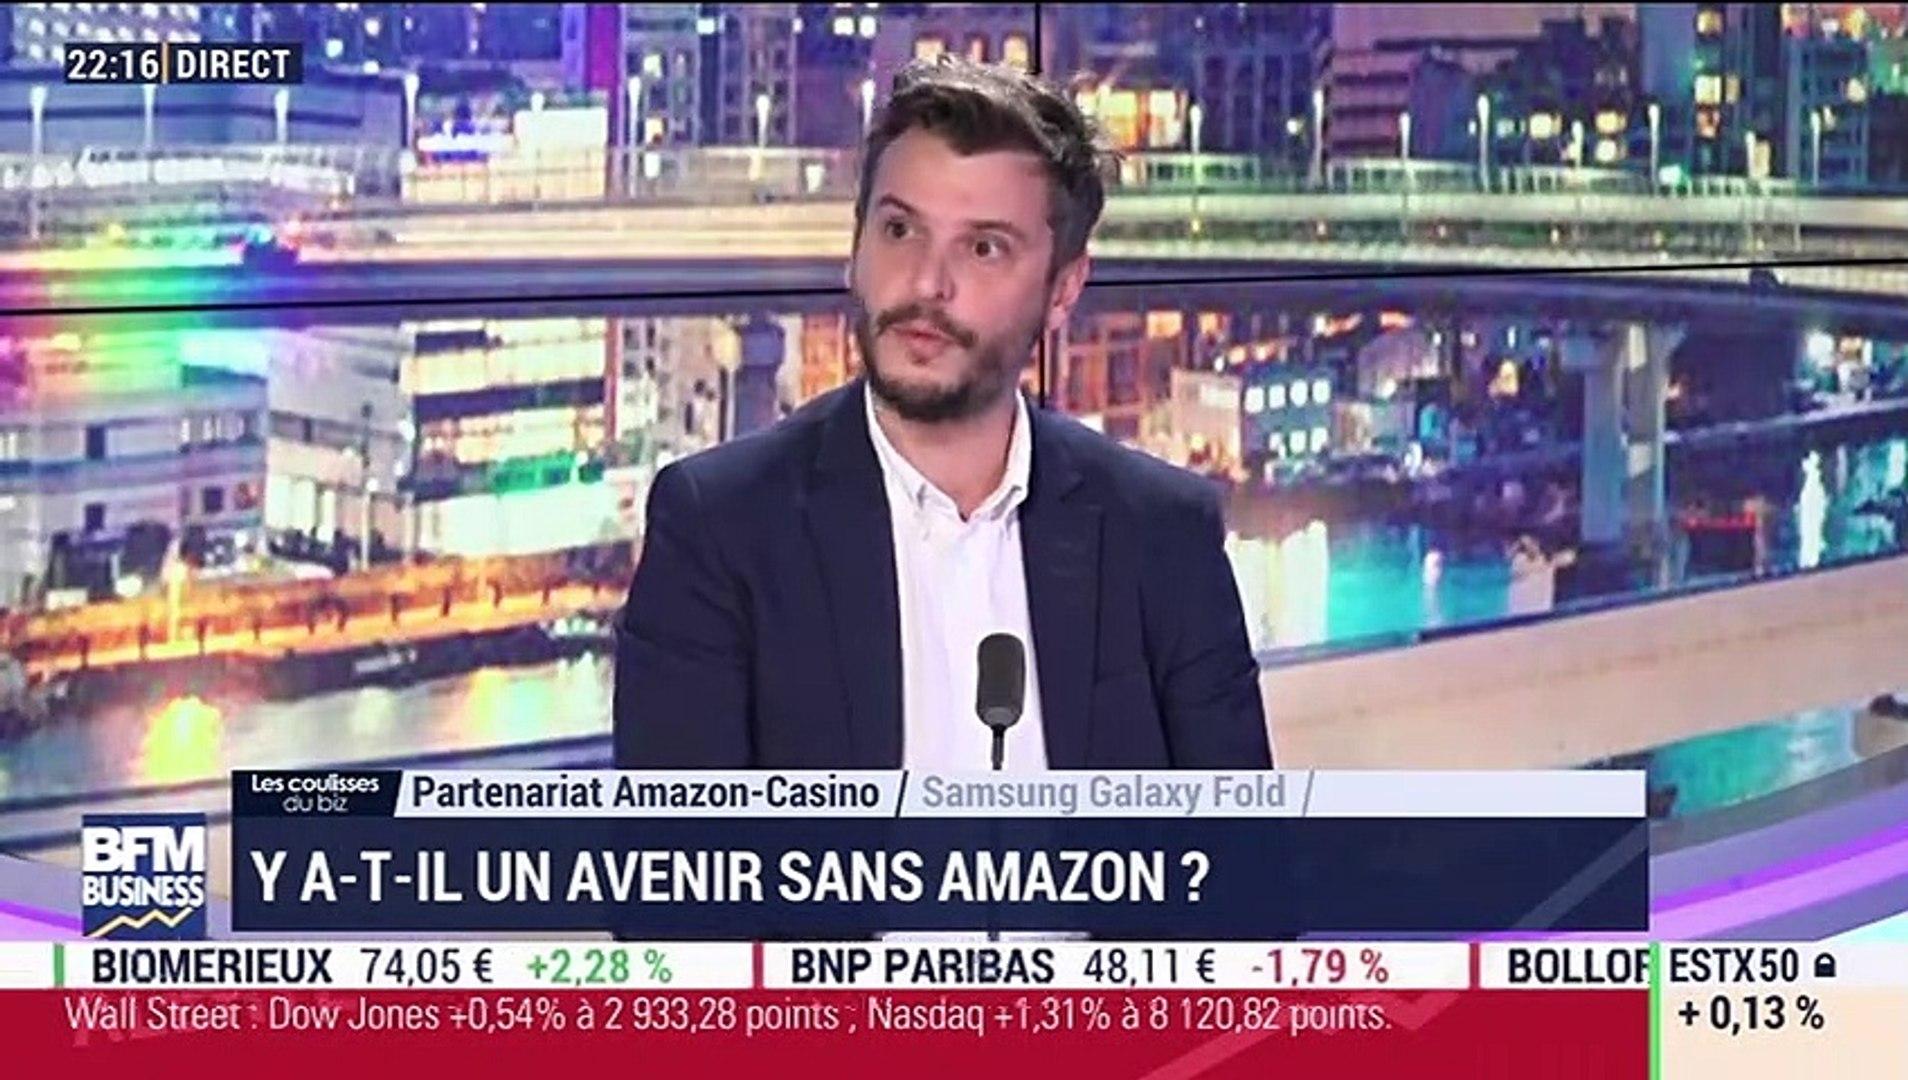 Les coulisses du biz: Partenariat Amazon-Casino, y a-t-il un avenir sans Amazon ? - 23/04